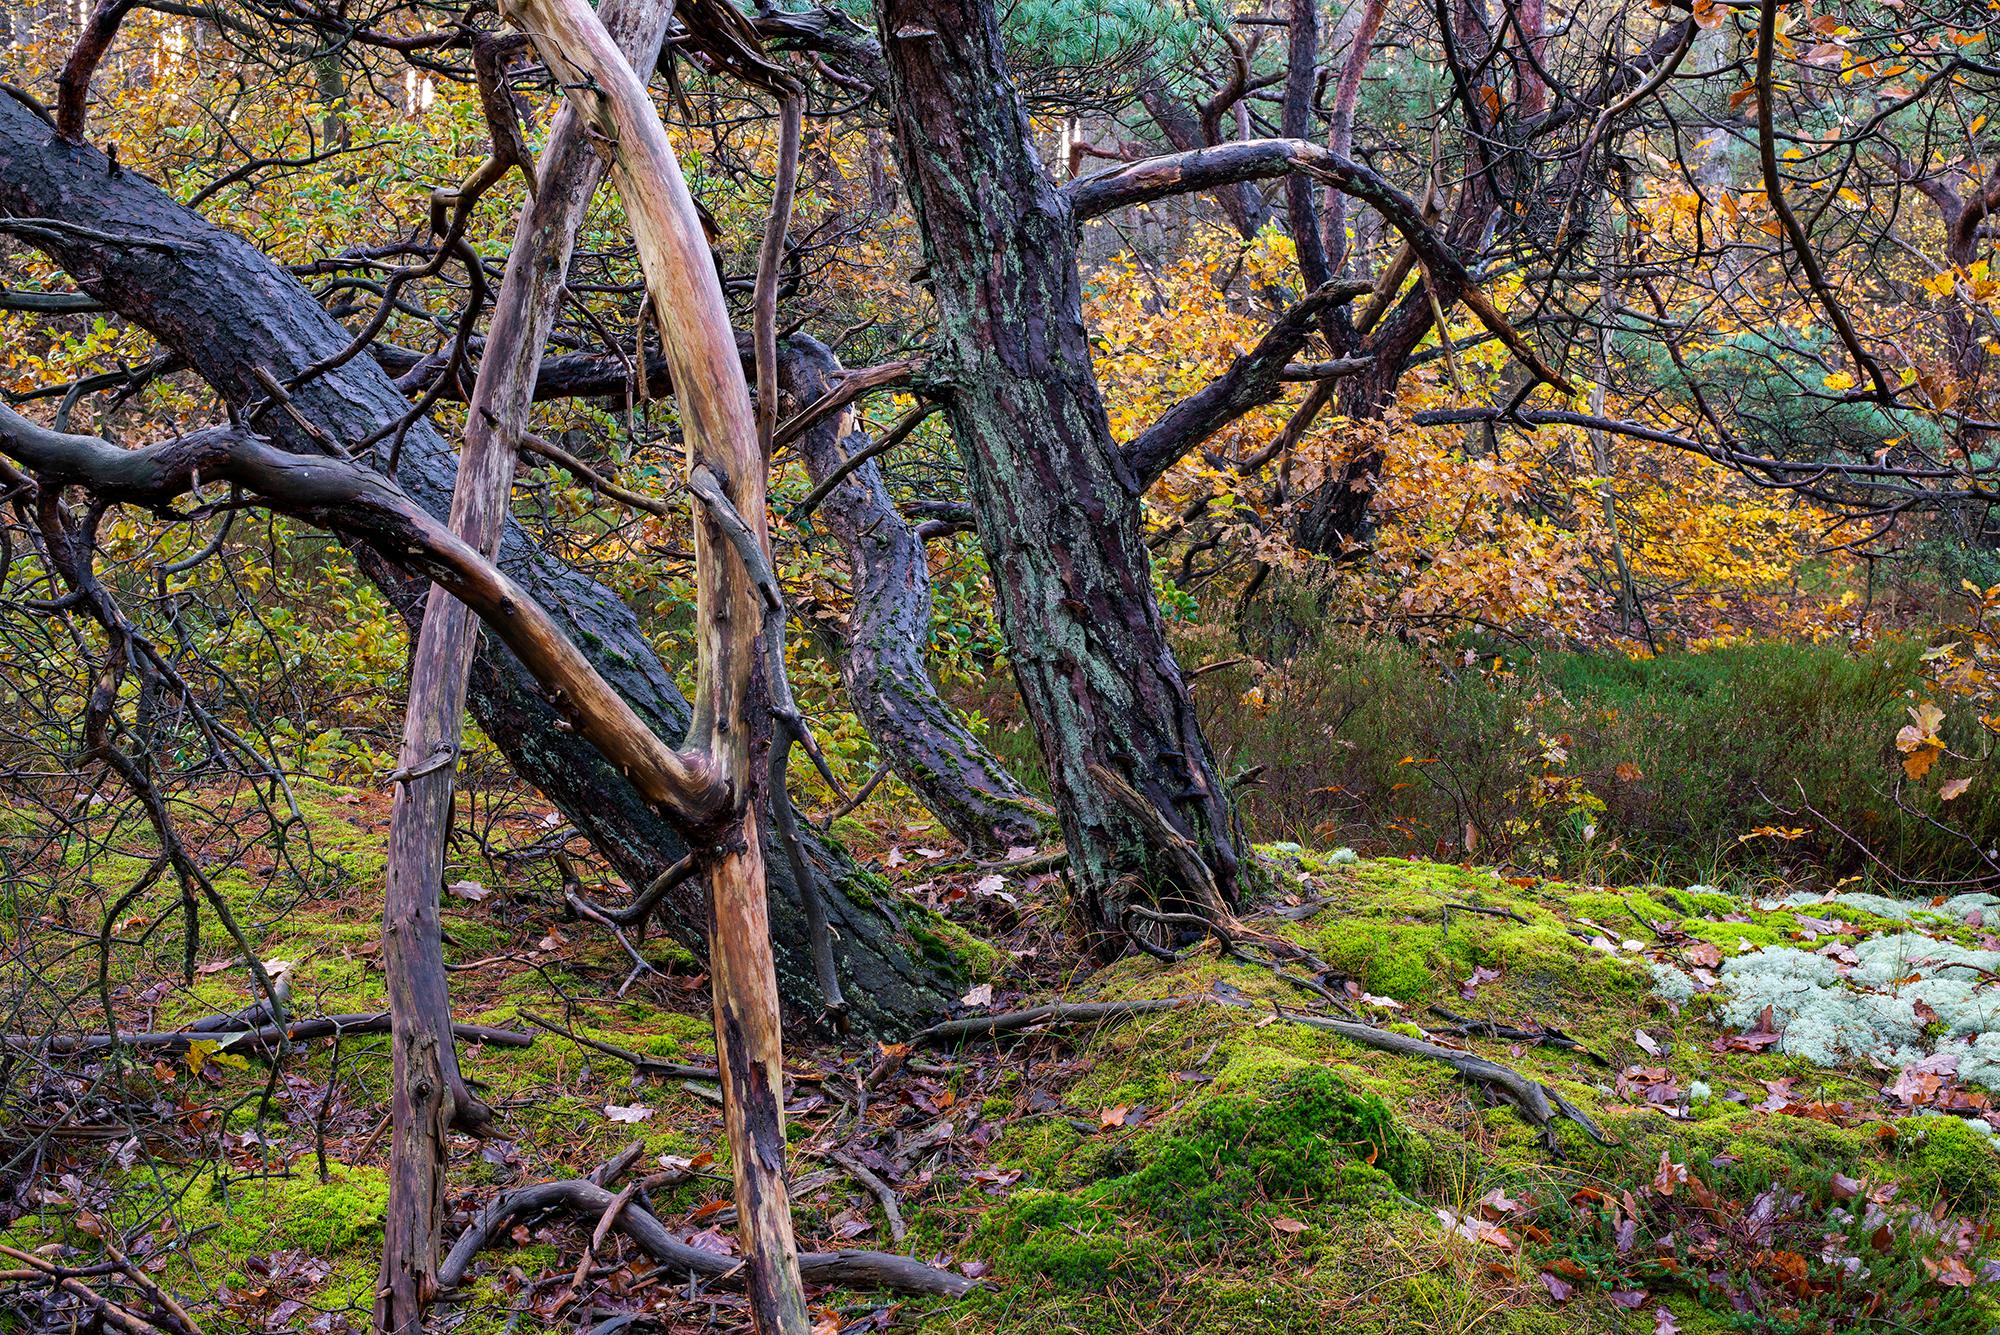 Verwrongen boomstammen en takken op met mossen bedekte grond in het oude naaldbos van de Schoorlse Duinen.